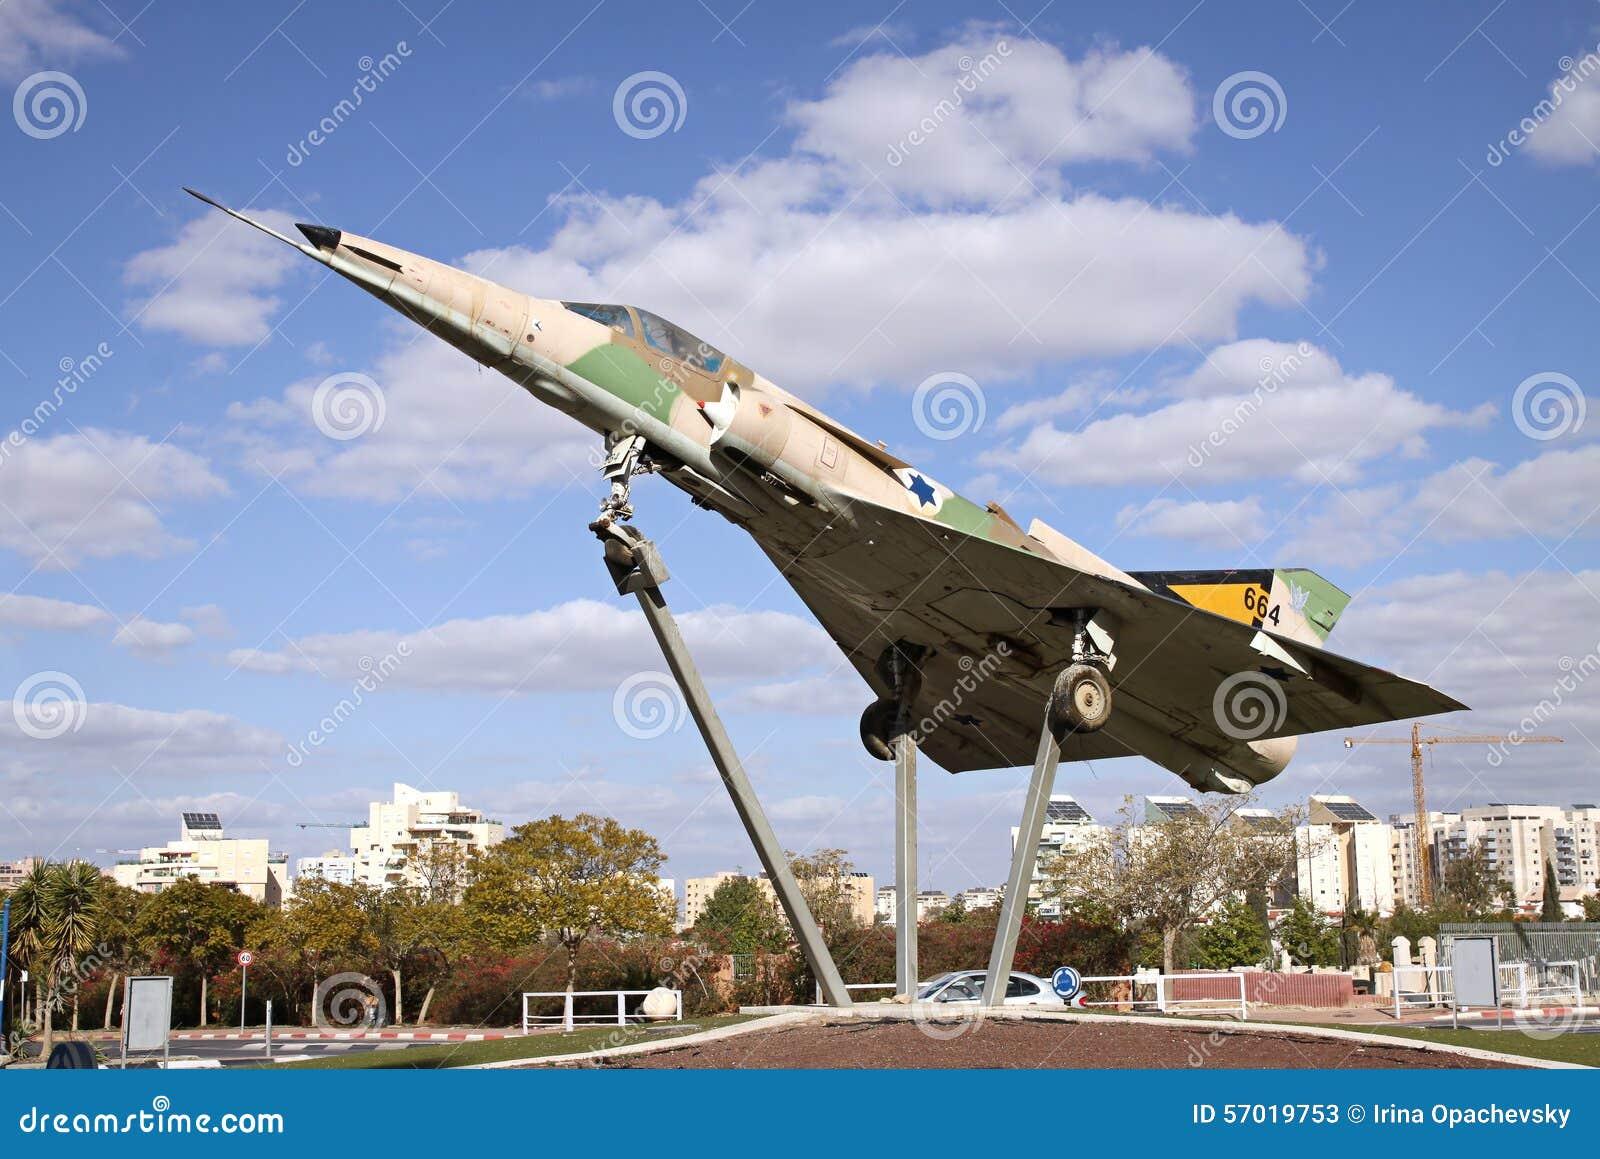 战斗机空军队以色列人